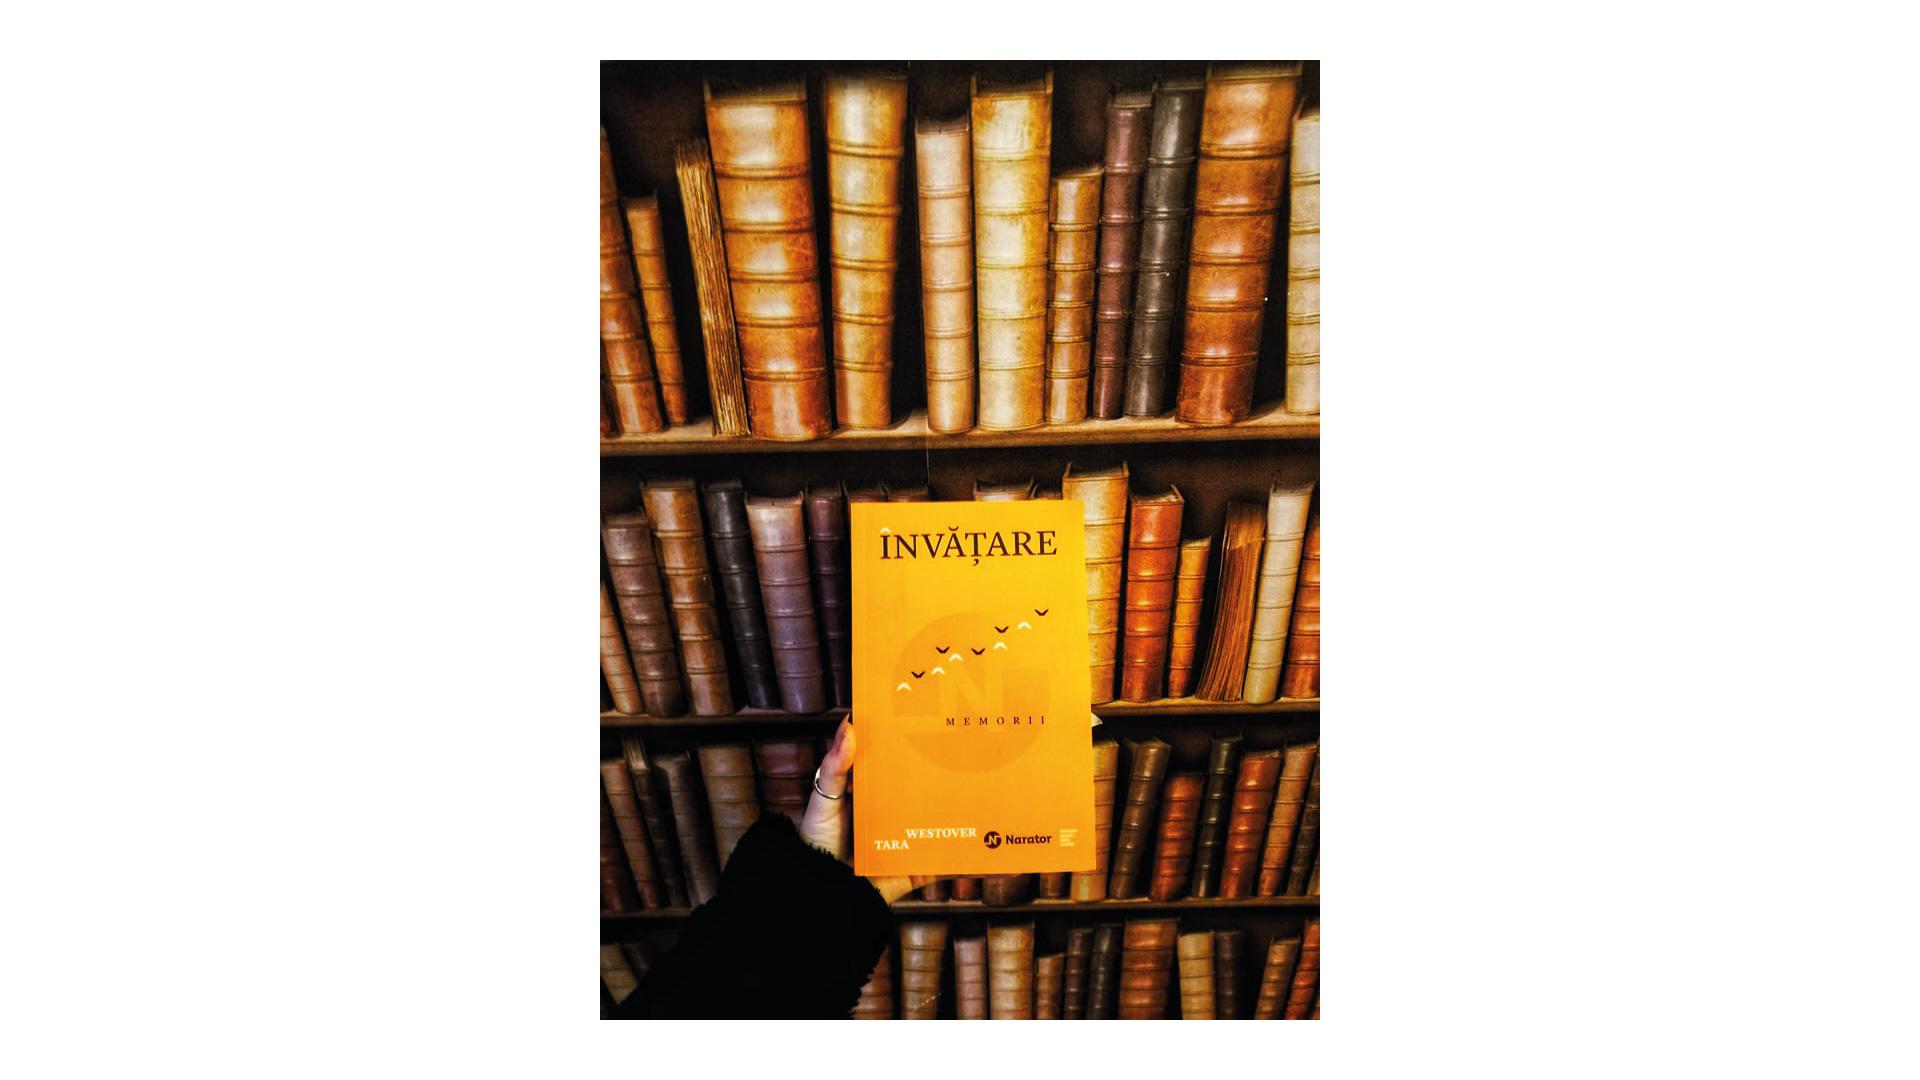 Cartea săptămânii – Învățare, de Tara Westover sau cum să îți începi viața la mijlocul ei